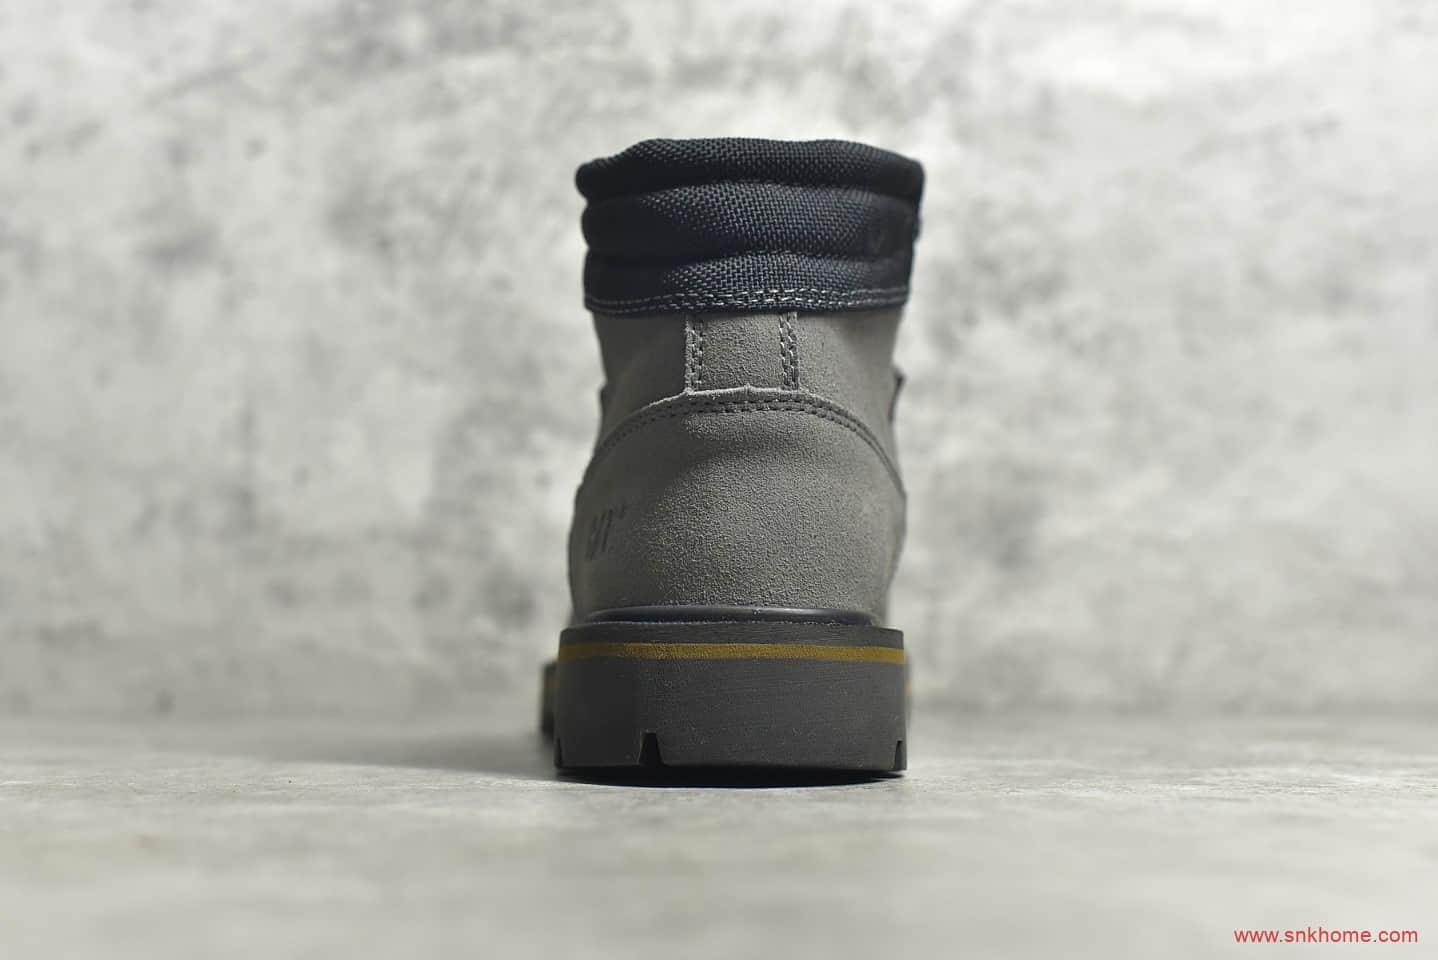 卡特工装马丁靴中帮 CAT P722786 莆田卡特马丁靴货源 卡特工装中帮正品全新出炉-潮流者之家